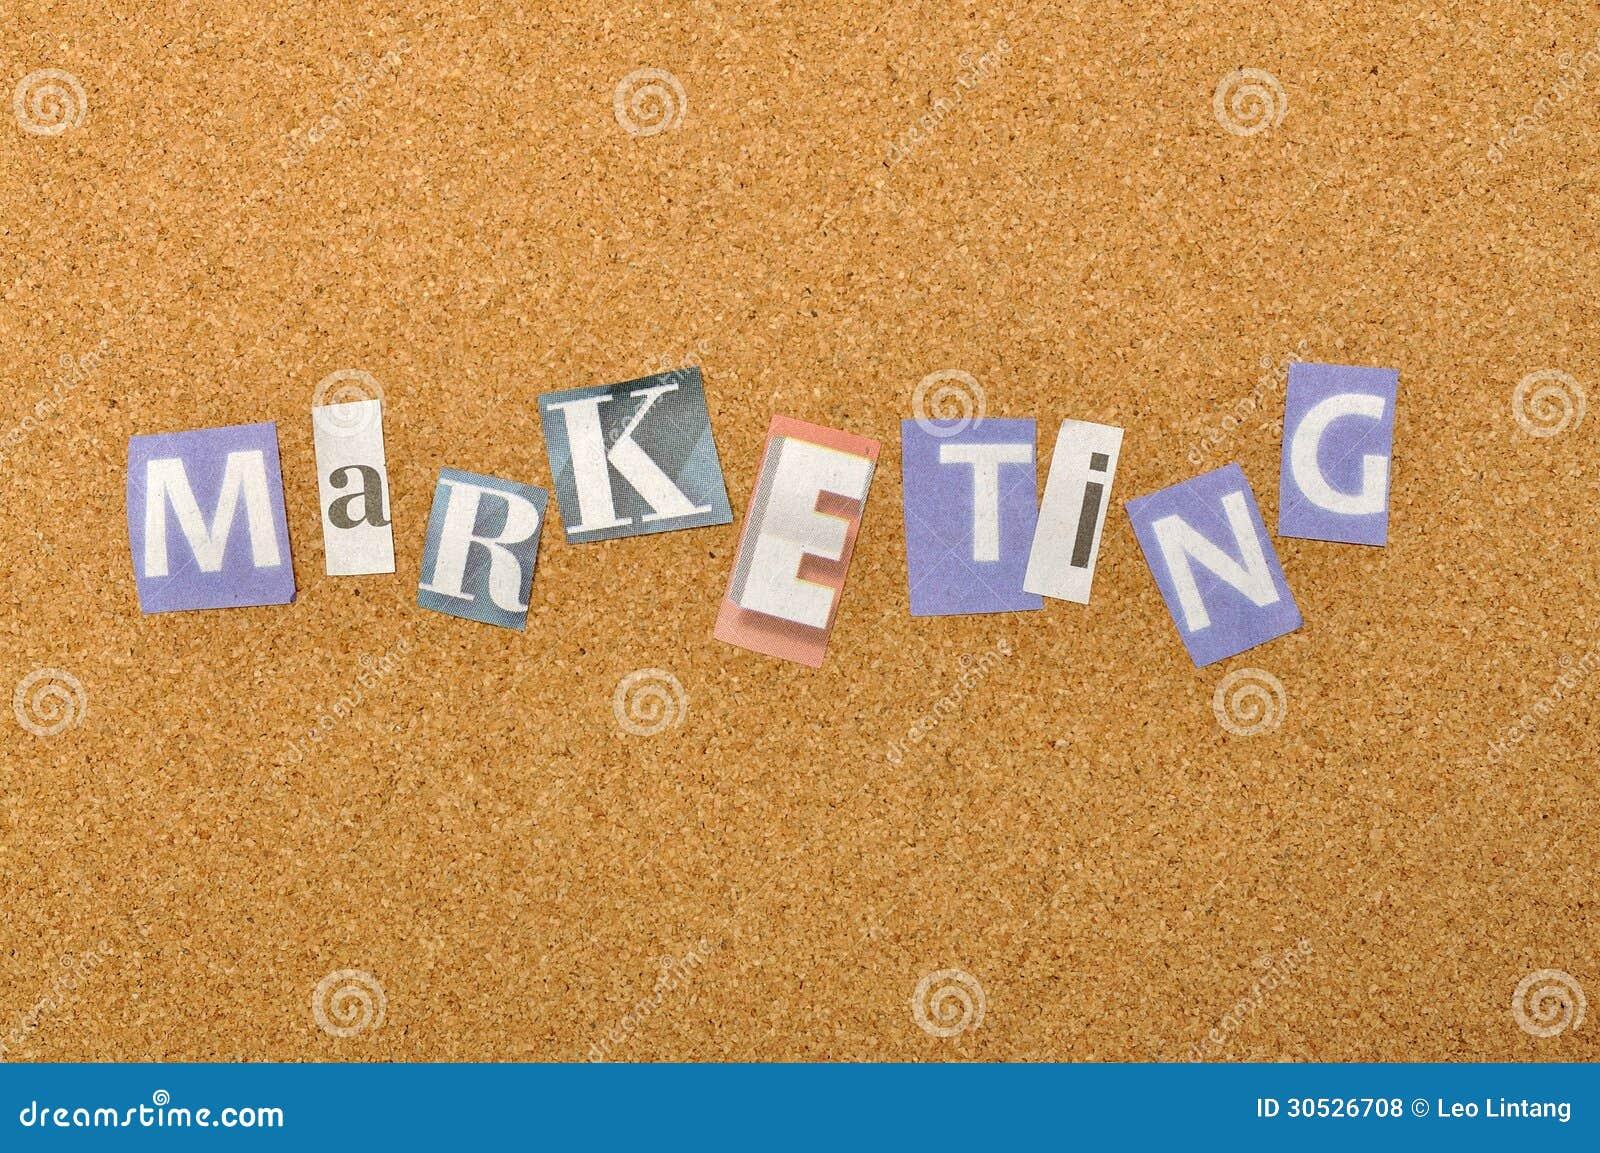 Resultado de imagen para marketing imagenes libres